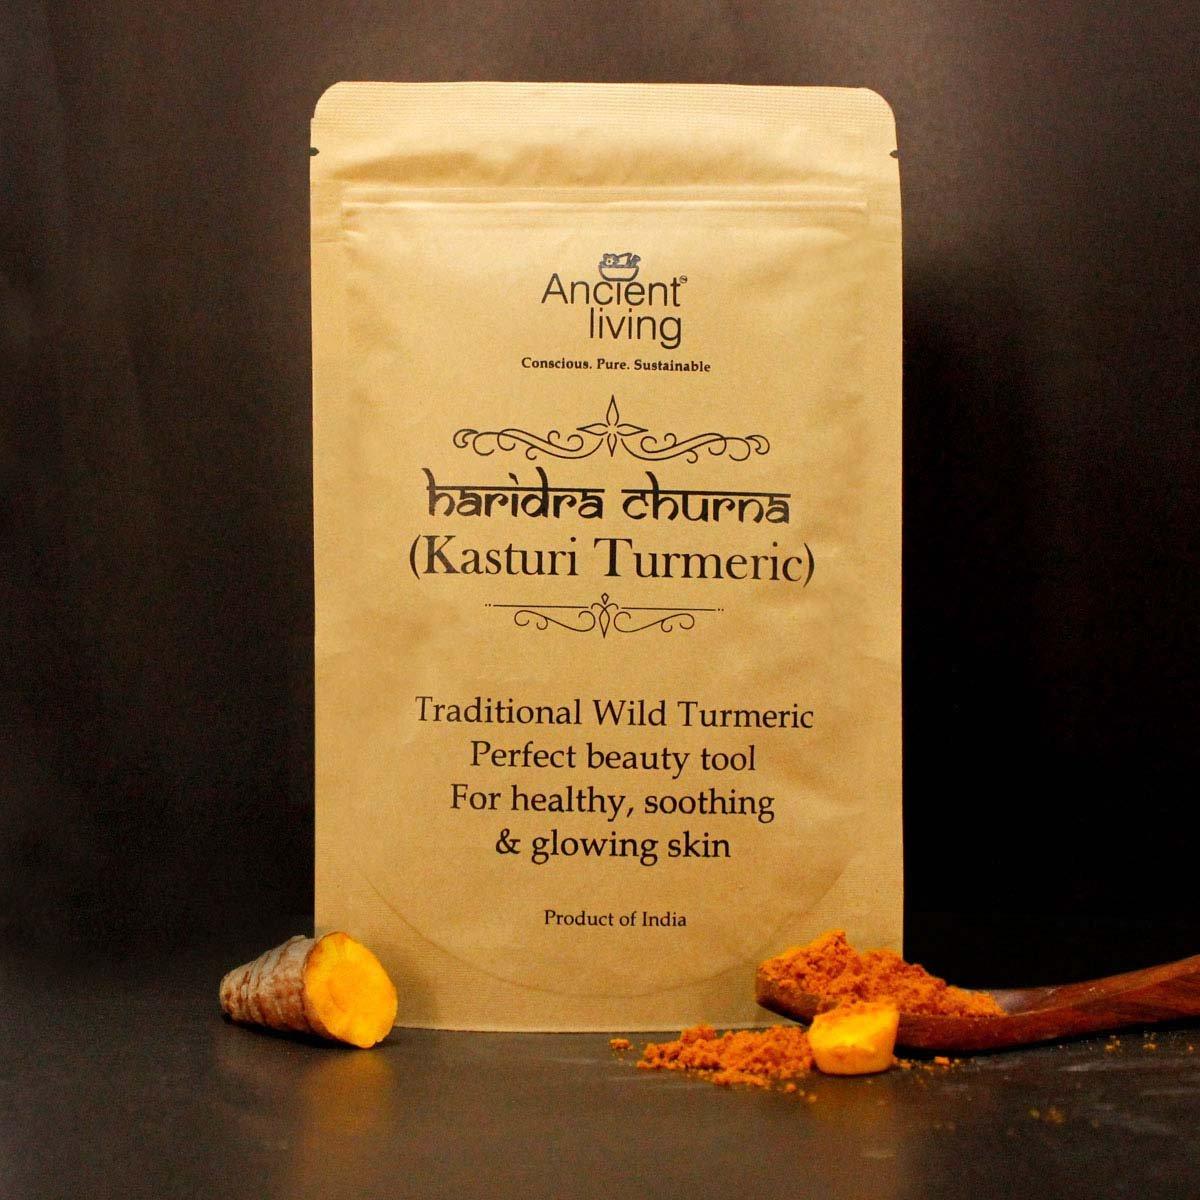 Kasthuri Turmeric Pack